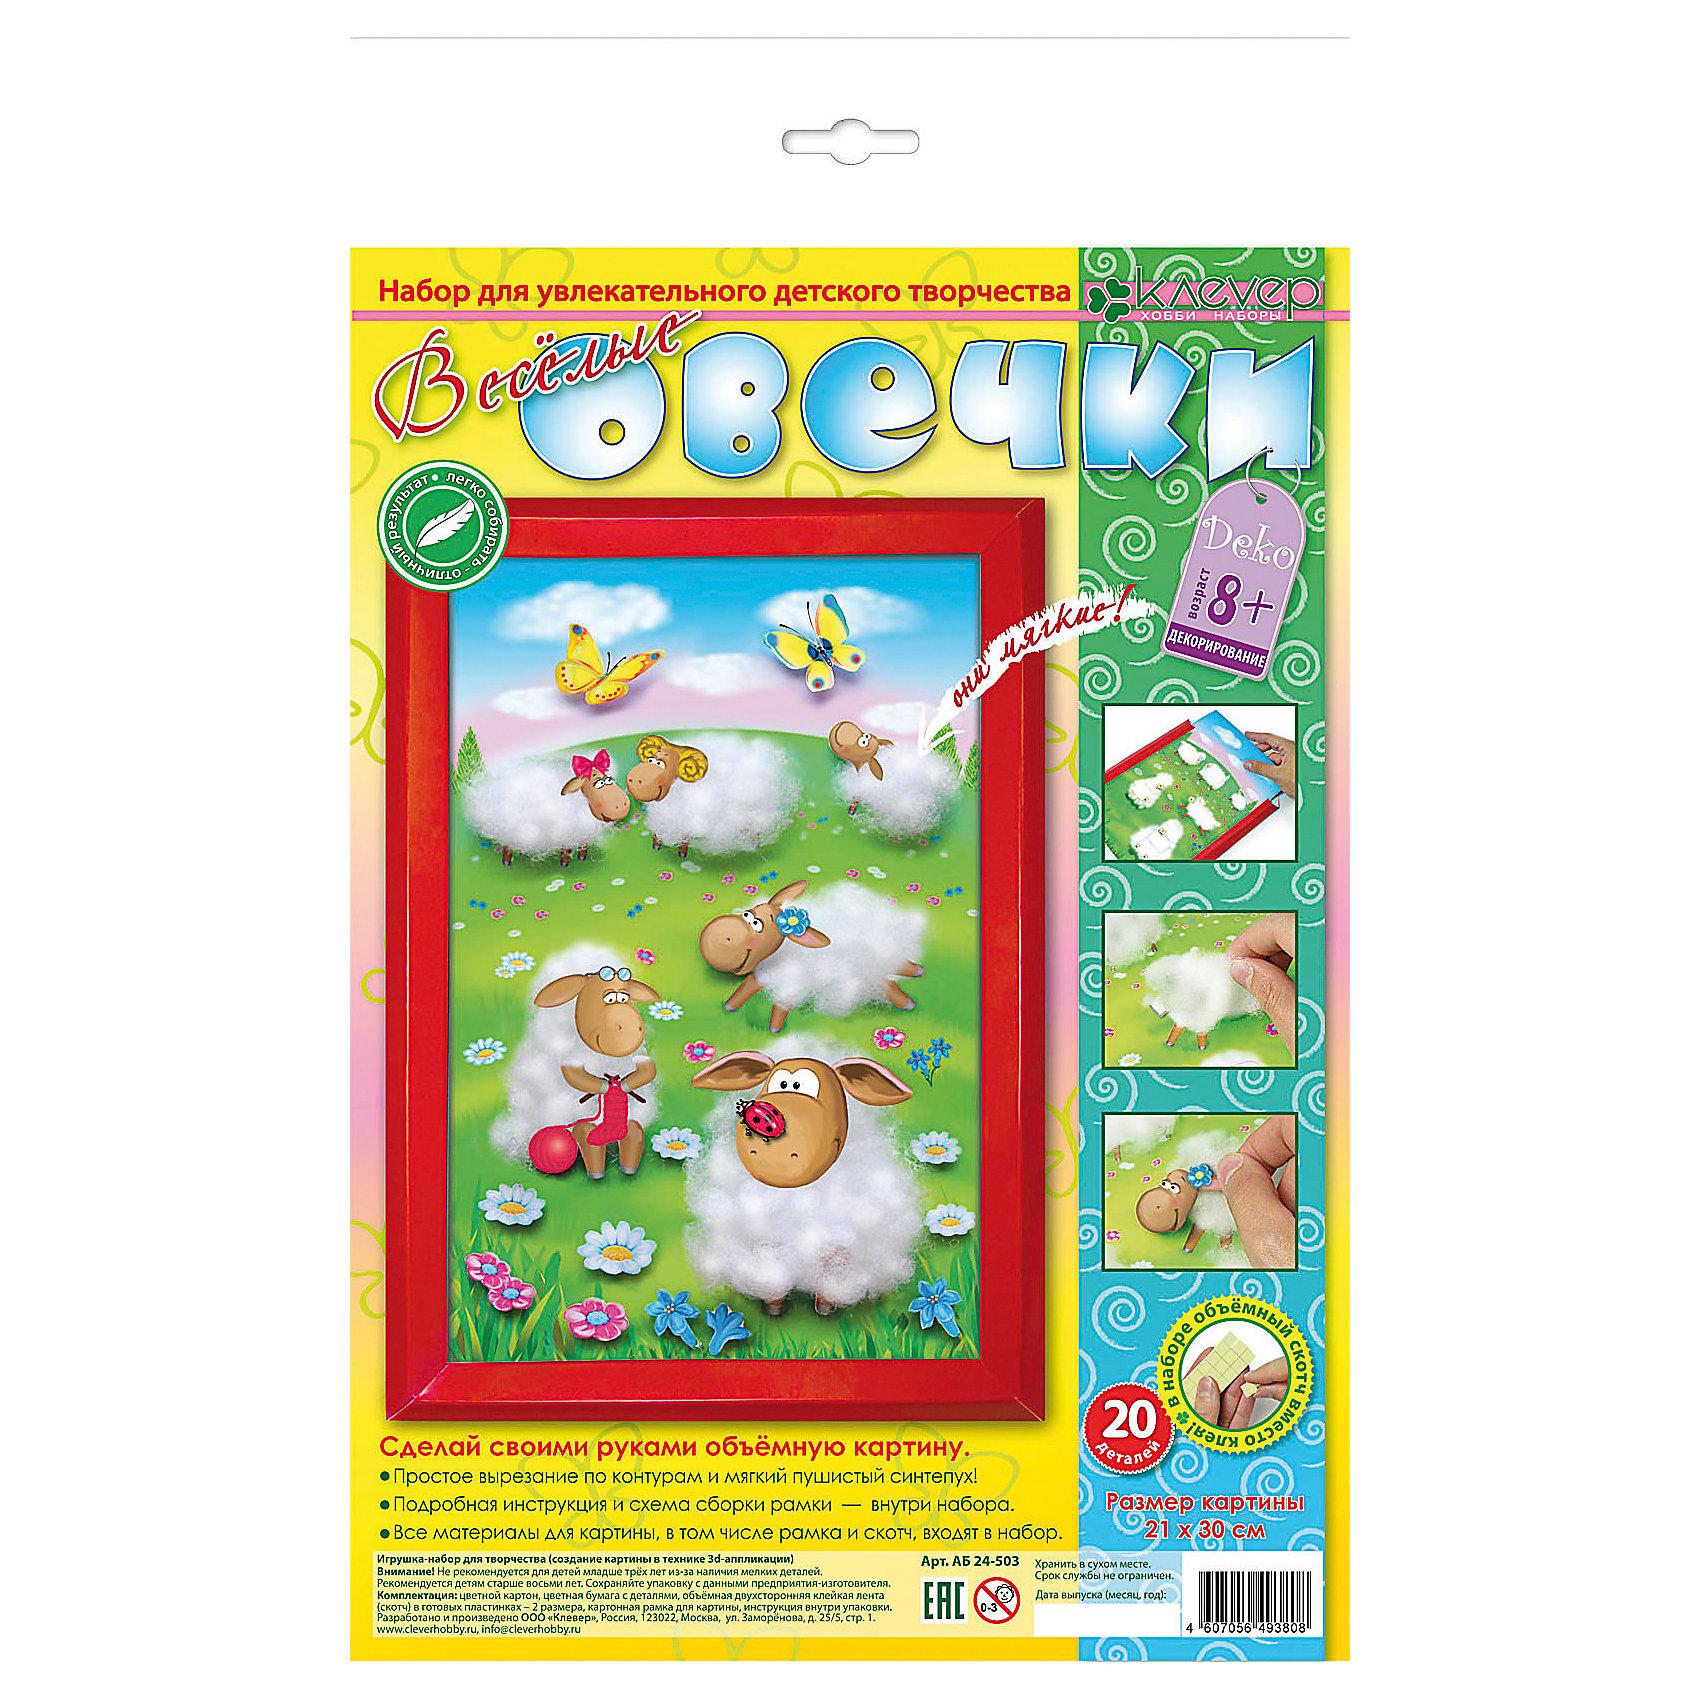 Набор для изготовления картины Веселые овечкиРукоделие<br>Характеристики:<br><br>• Коллекция: объемная аппликация<br>• Уровень сложности: средний<br>• Материал: картон, бумага, скотч, синтепух<br>• Комплектация: набор цветного картона и цветной бумаги, самоклеящаяся пленка, картонная рамка, скотч, инструкция<br>• Форма картины: 3d<br>• Размеры готовой картинки (Ш*В): 21*30 см<br>• Размеры (Д*Ш*В): 22*34*5 см<br>• Вес: 100 г <br>• Упаковка: картонная коробка<br><br>Уникальность данных наборов заключается в том, что они состоят из материалов разных фактур. Благодаря использованию двухстороннего скотча, рабочее место и одежда ребенка не будет испачкана, а поделка будет выглядеть объемной и аккуратной.<br><br>Набор для изготовления картины Веселые овечки состоит из всех необходимых материалов для создания картины, на которой изображены пушистые овечки на зеленой полянке. В комплекте предусмотрена рамка для оформления поделки.<br><br>Набор для изготовления картины Веселые овечки можно купить в нашем интернет-магазине.<br><br>Ширина мм: 220<br>Глубина мм: 340<br>Высота мм: 50<br>Вес г: 100<br>Возраст от месяцев: 36<br>Возраст до месяцев: 60<br>Пол: Унисекс<br>Возраст: Детский<br>SKU: 5541503